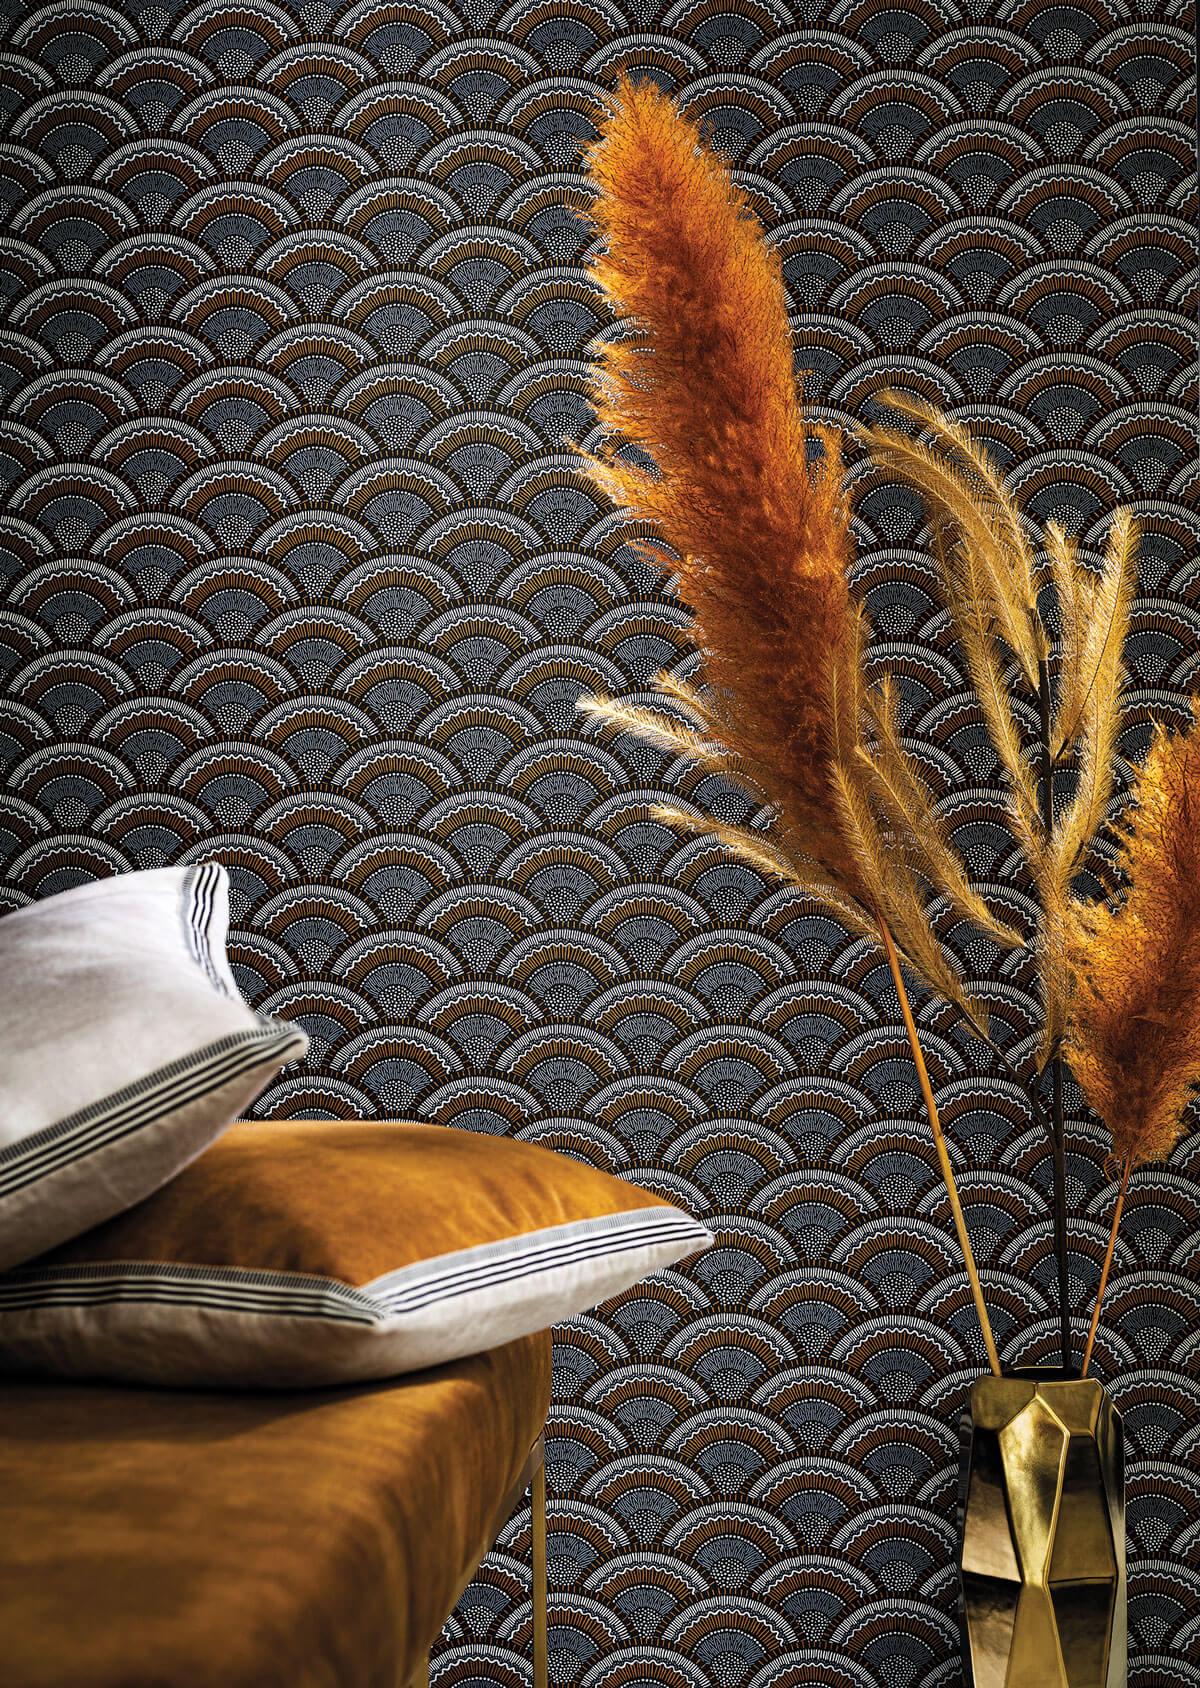 papiers peints albi castres delzongle séguret décoration maison de la peinture conseil décor sikkens